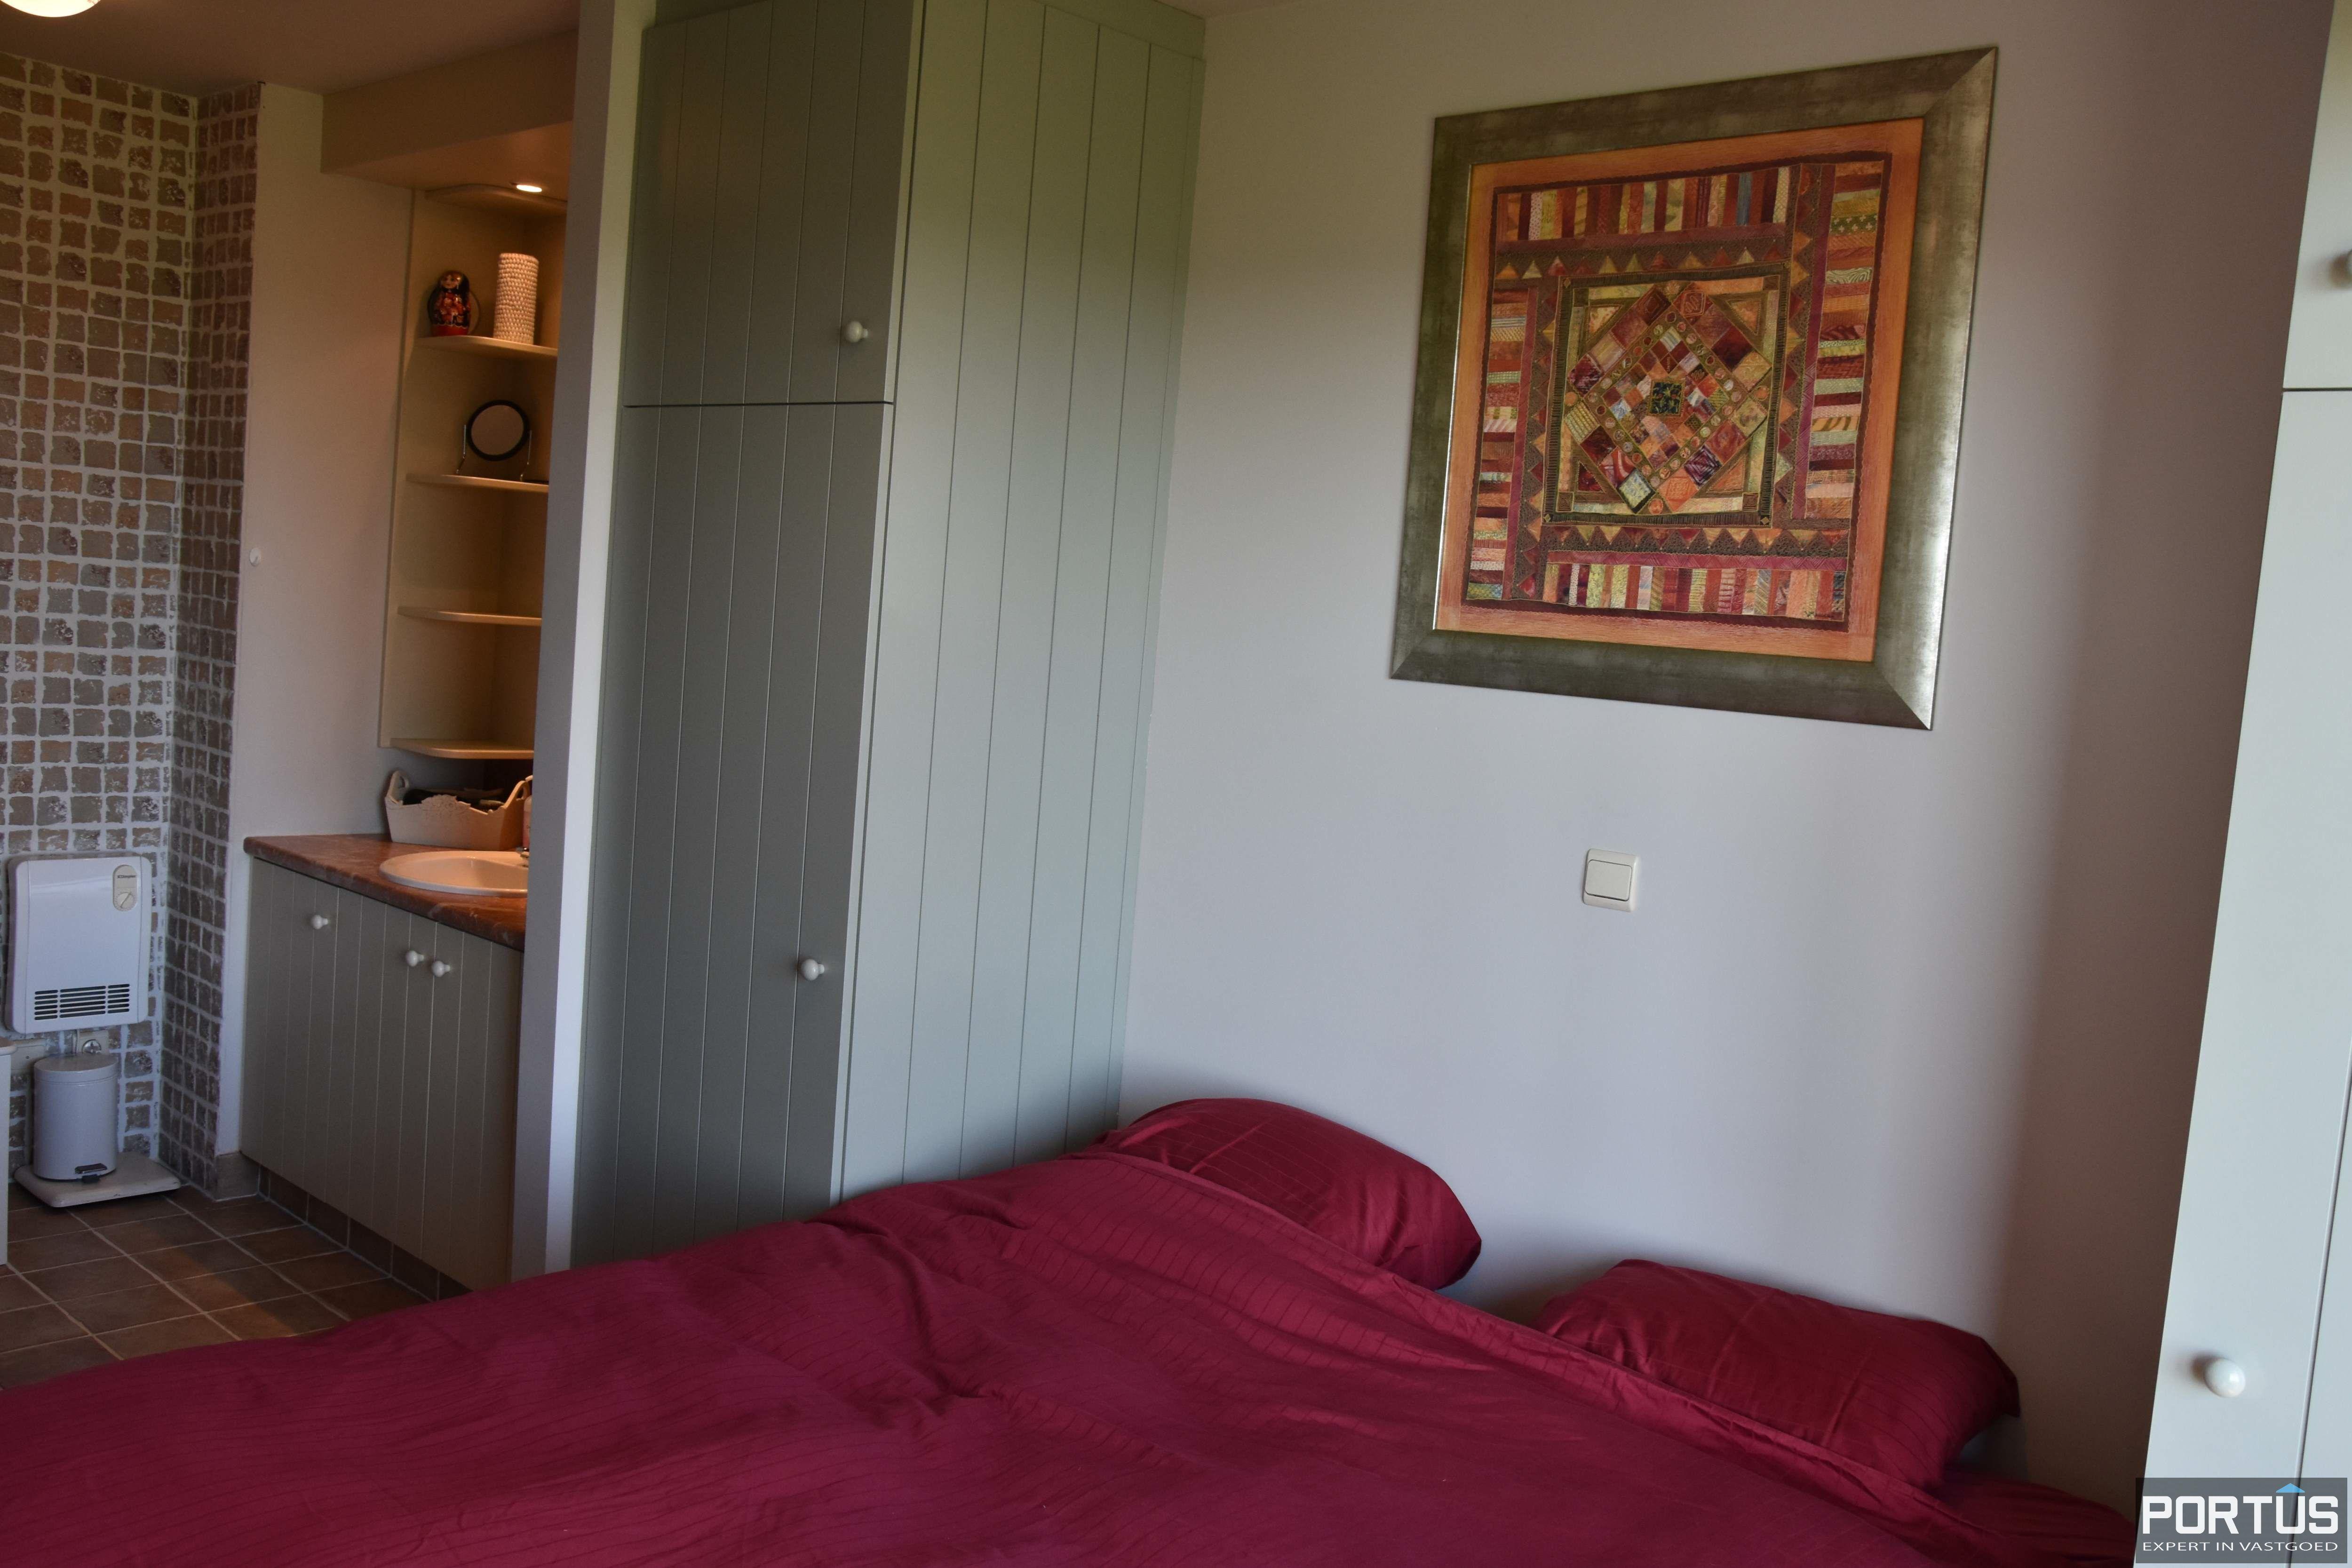 Appartement met slaapkamer, slaaphoek en parking te huur Nieuwpoort - 9538